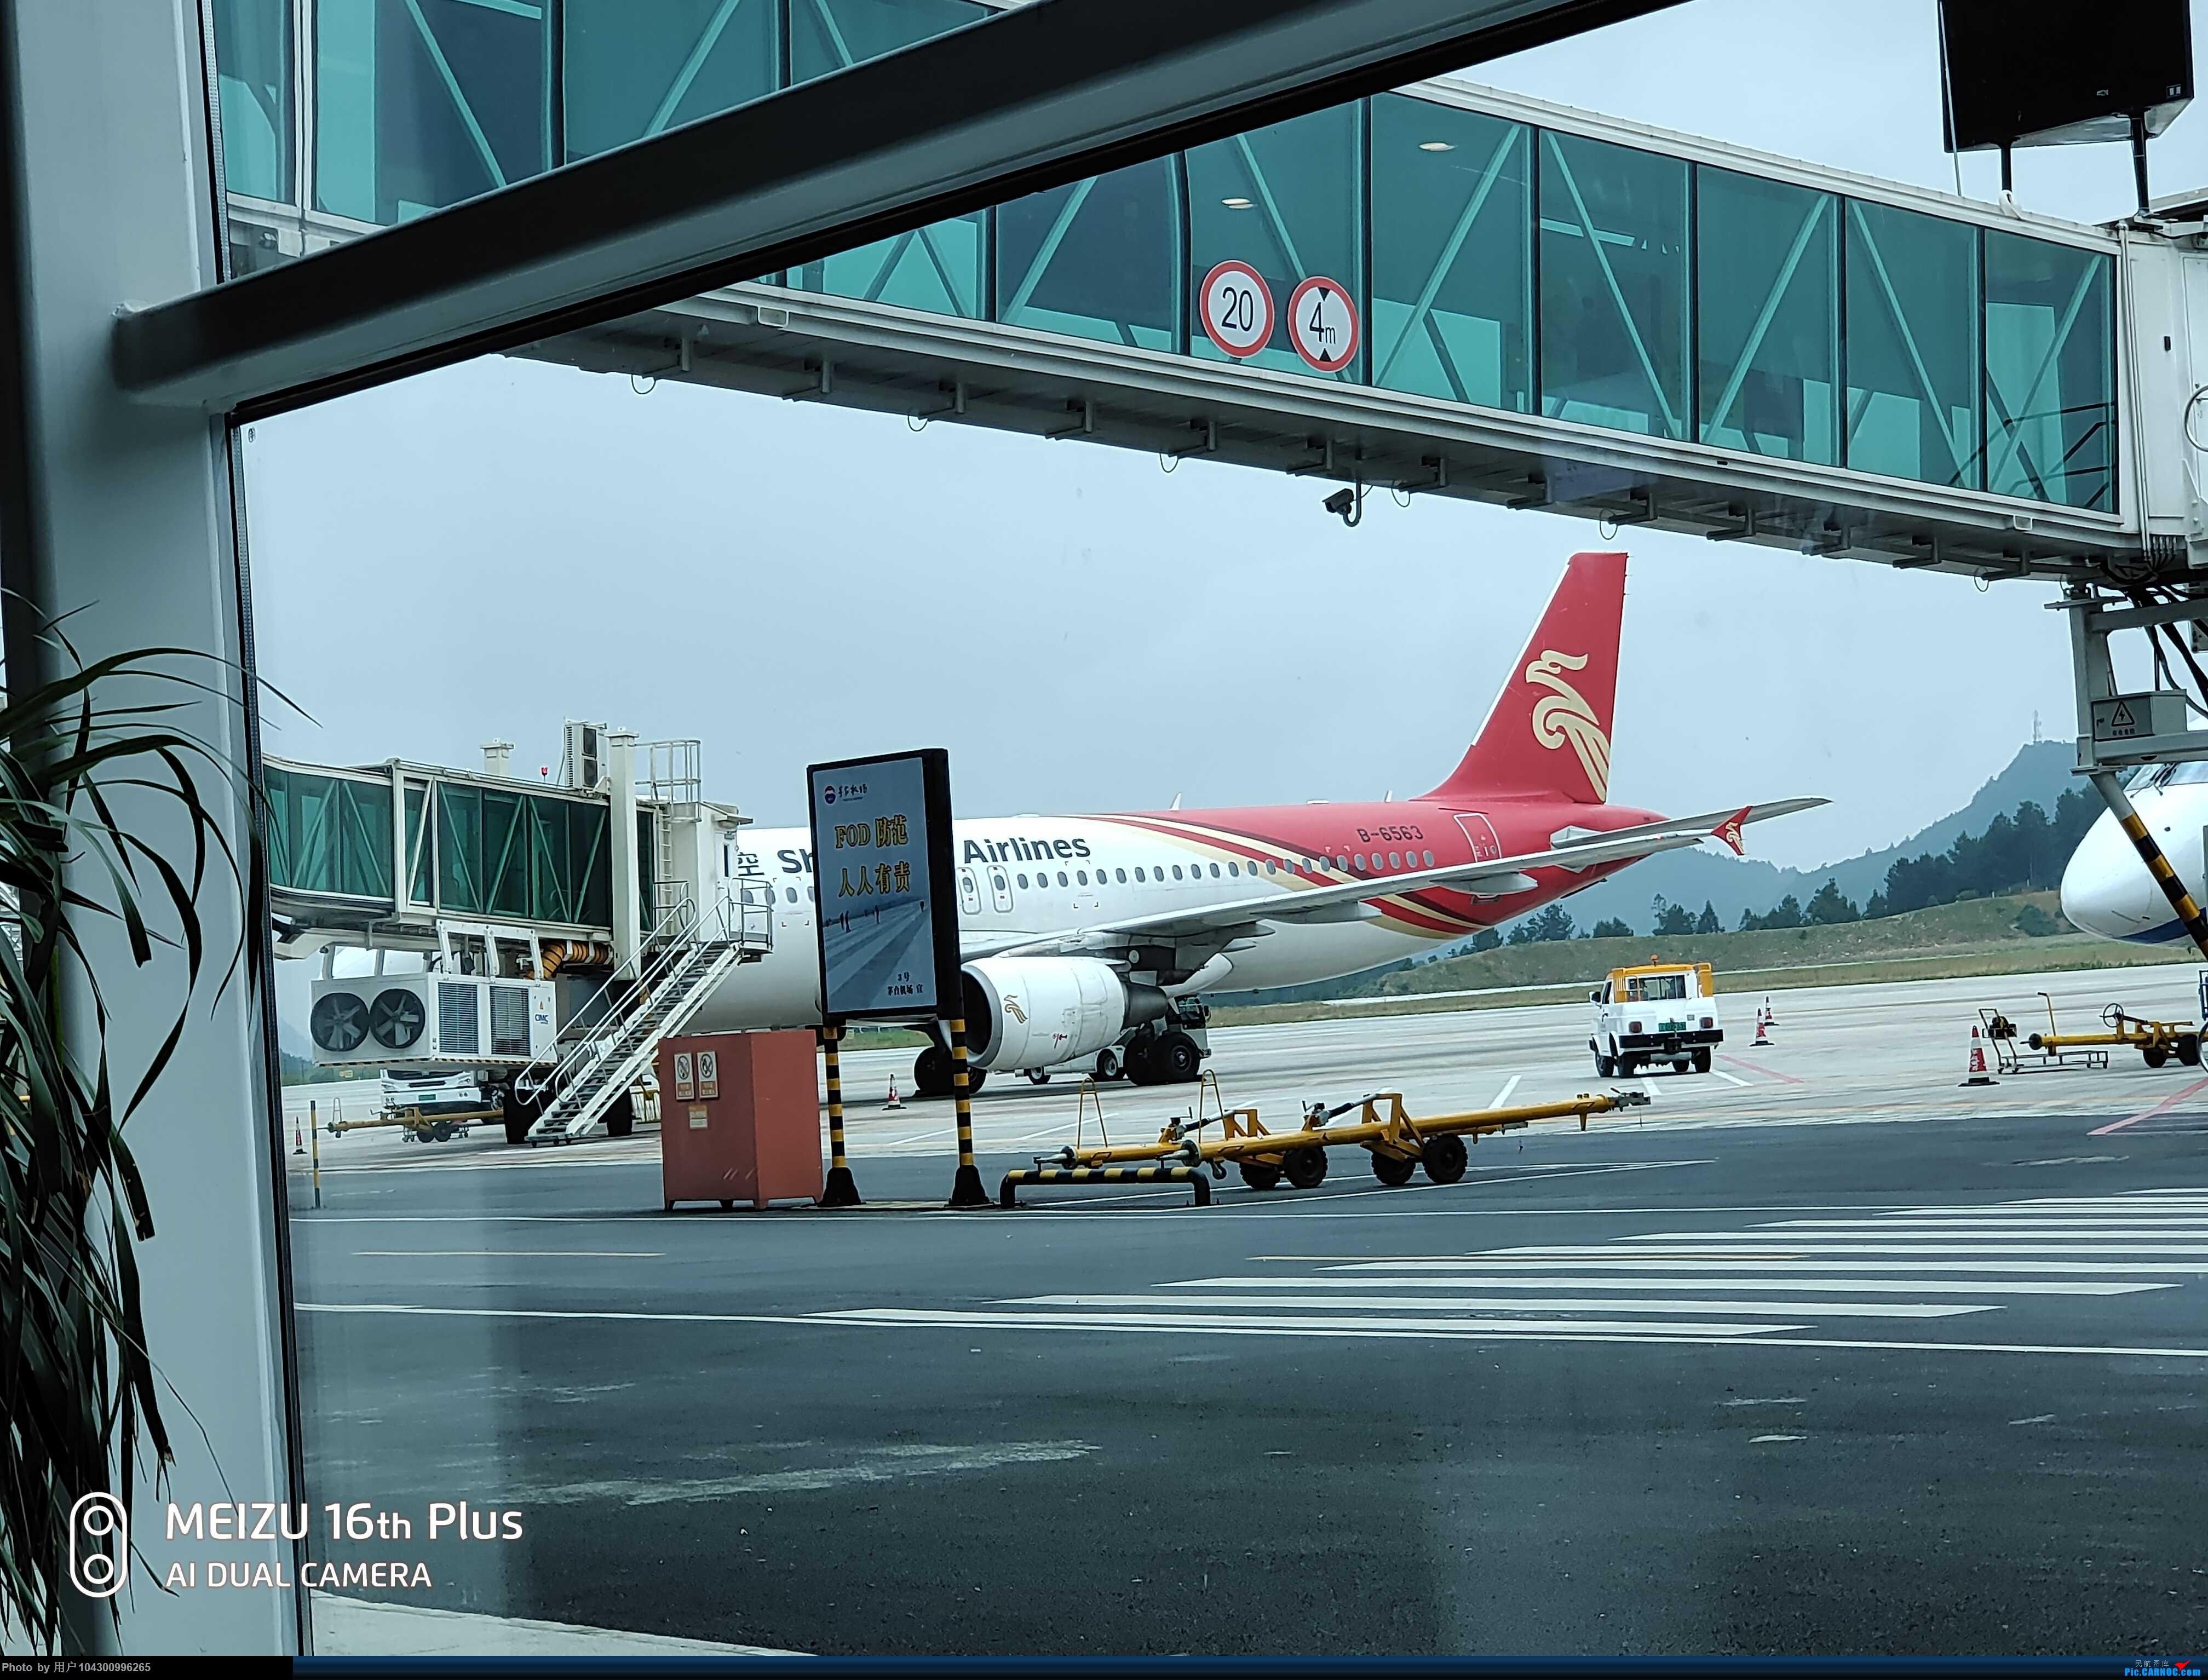 Re:[原创][DM哥飞行游记]-多彩贵州航空贵阳-茅台当日往返 AIRBUS A320-200 B-6563 中国遵义茅台机场